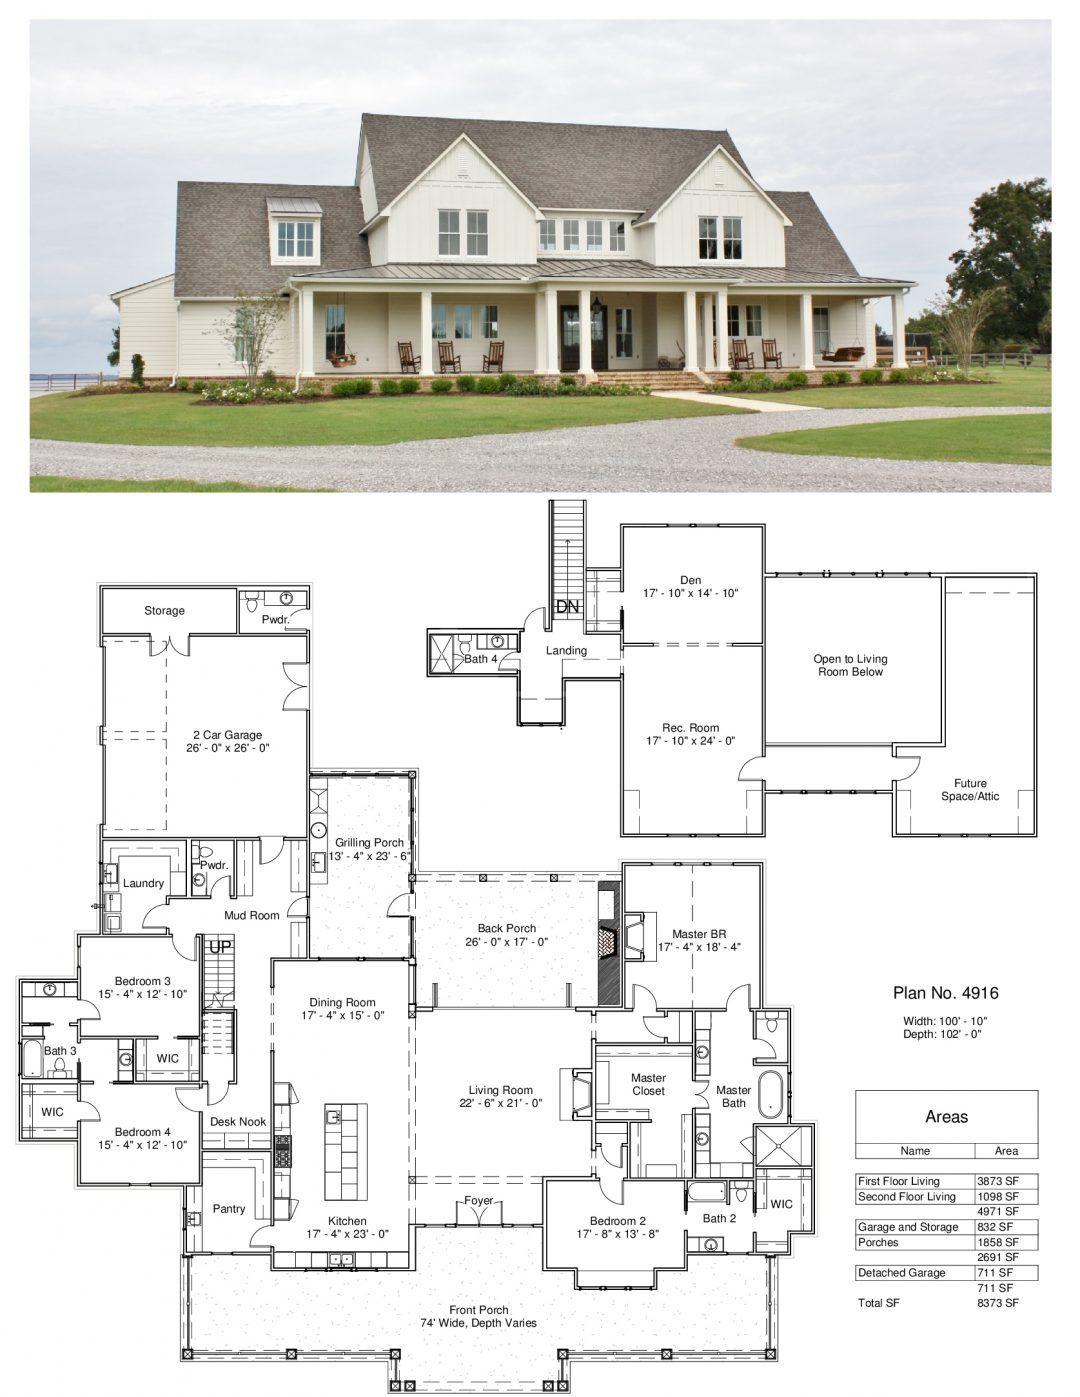 Plan 4916 Design Studio House Plans Farmhouse New House Plans House Plans